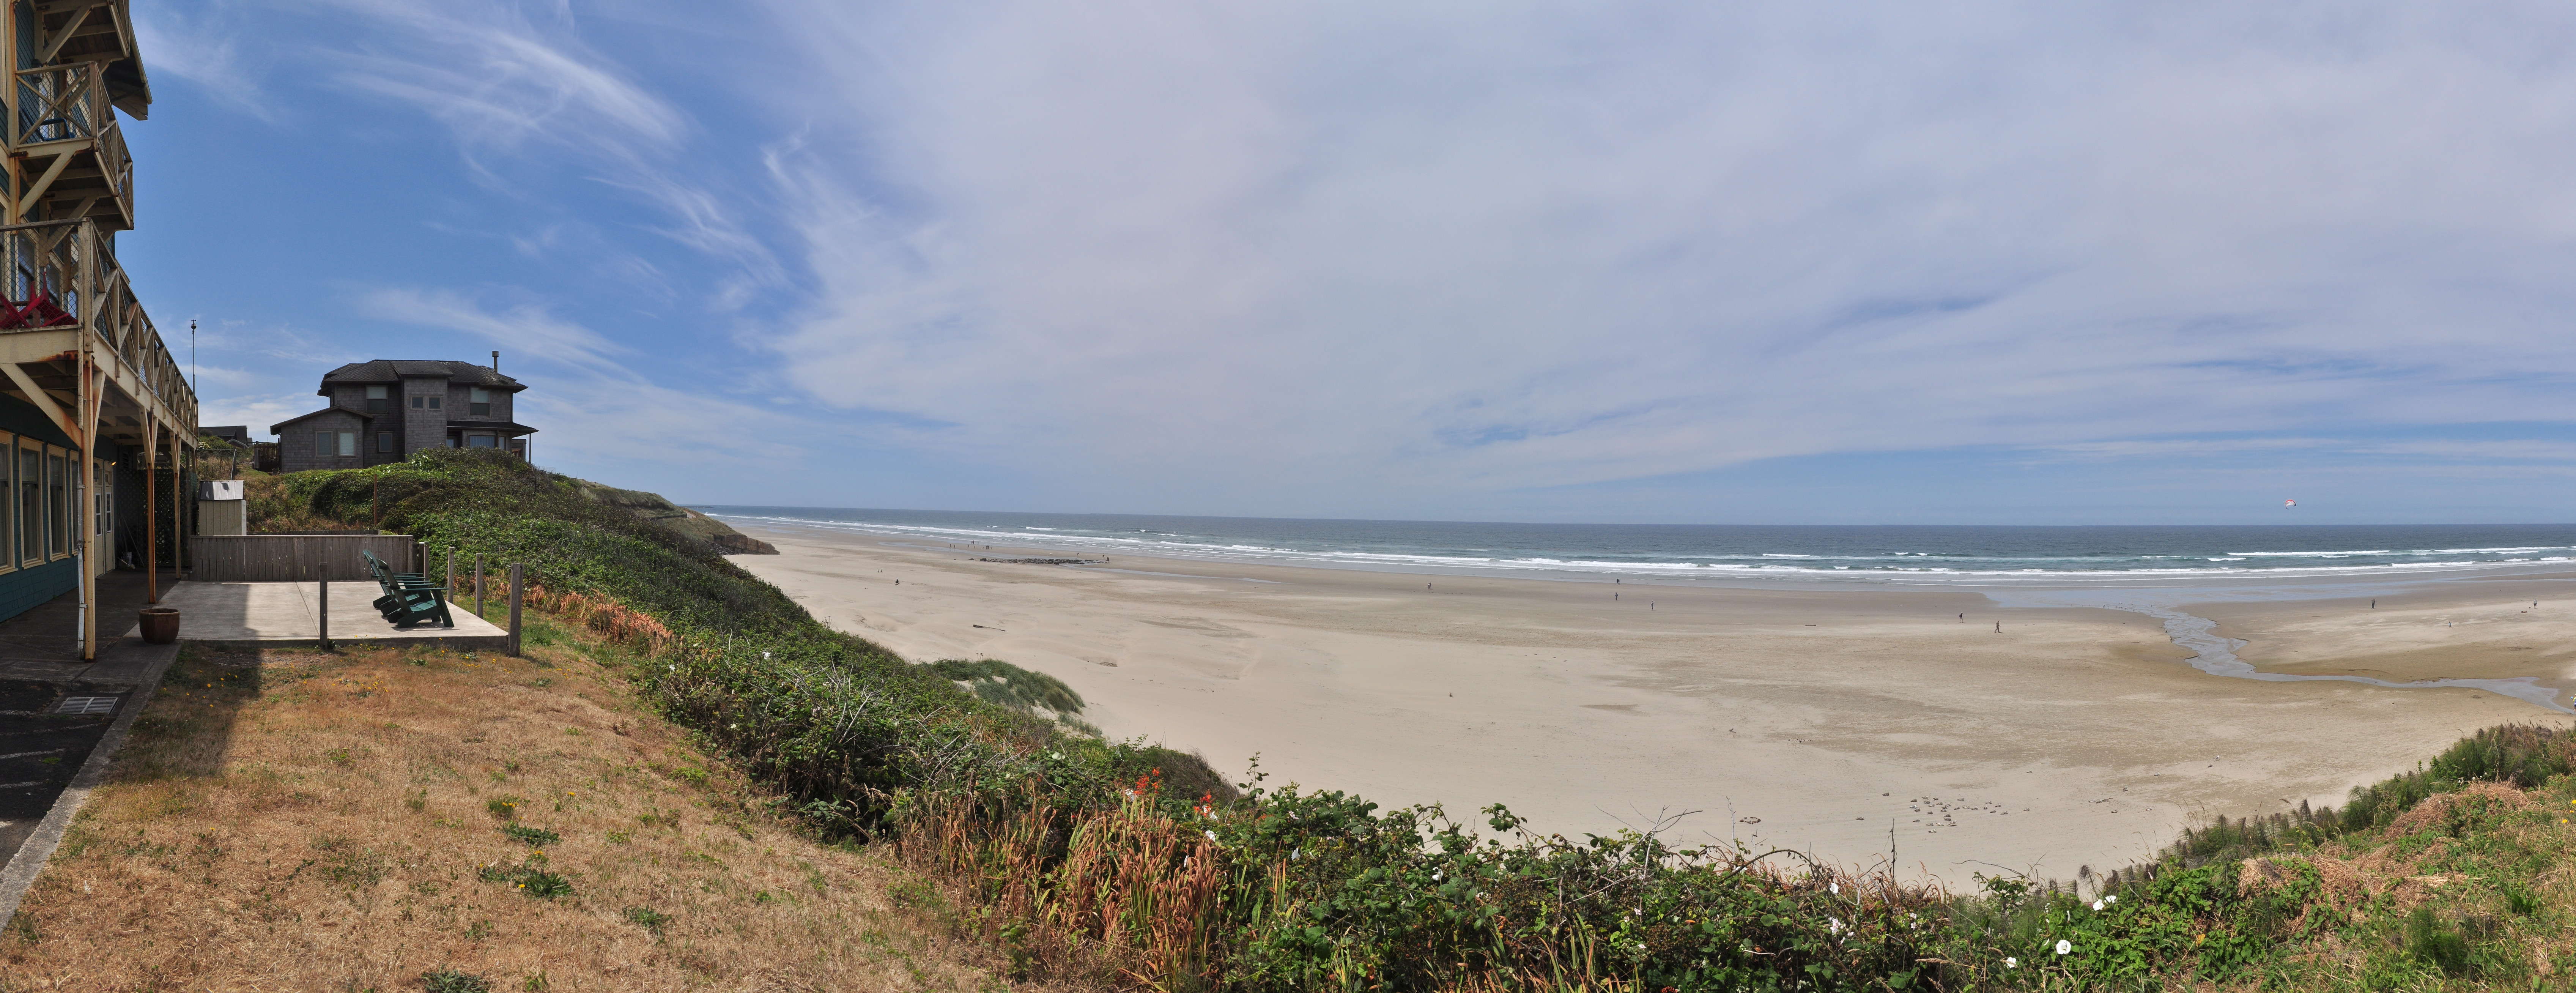 File Newport Beach Or Nye Pano 01 19745933239 Jpg